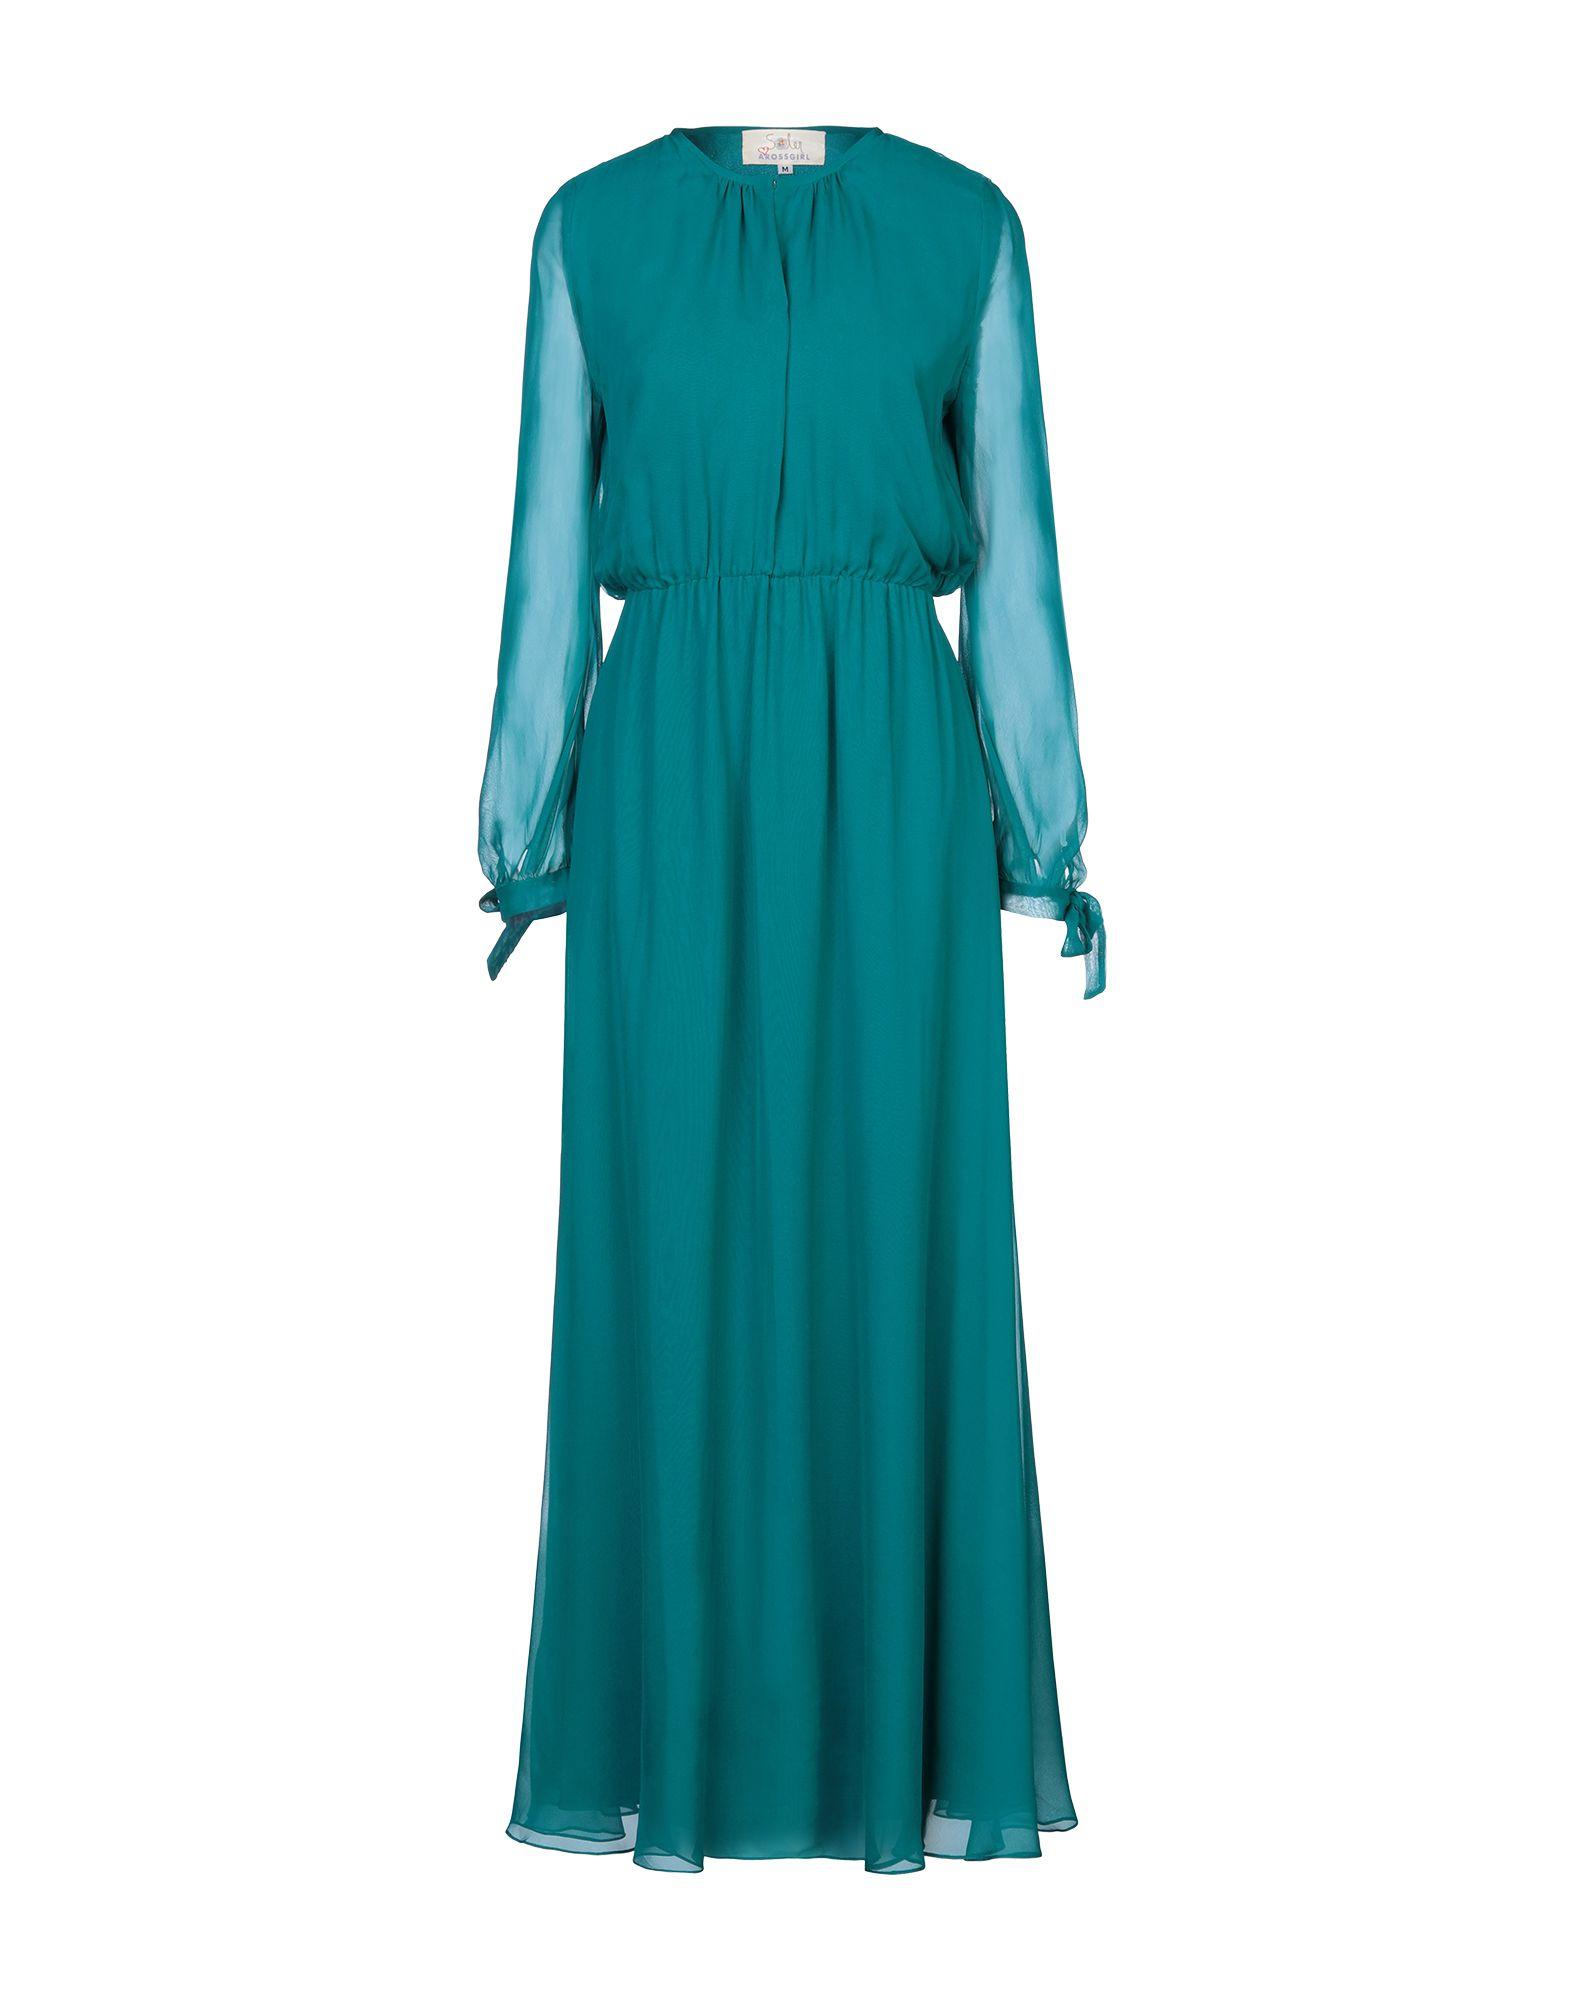 AROSSGIRL x SOLER Длинное платье